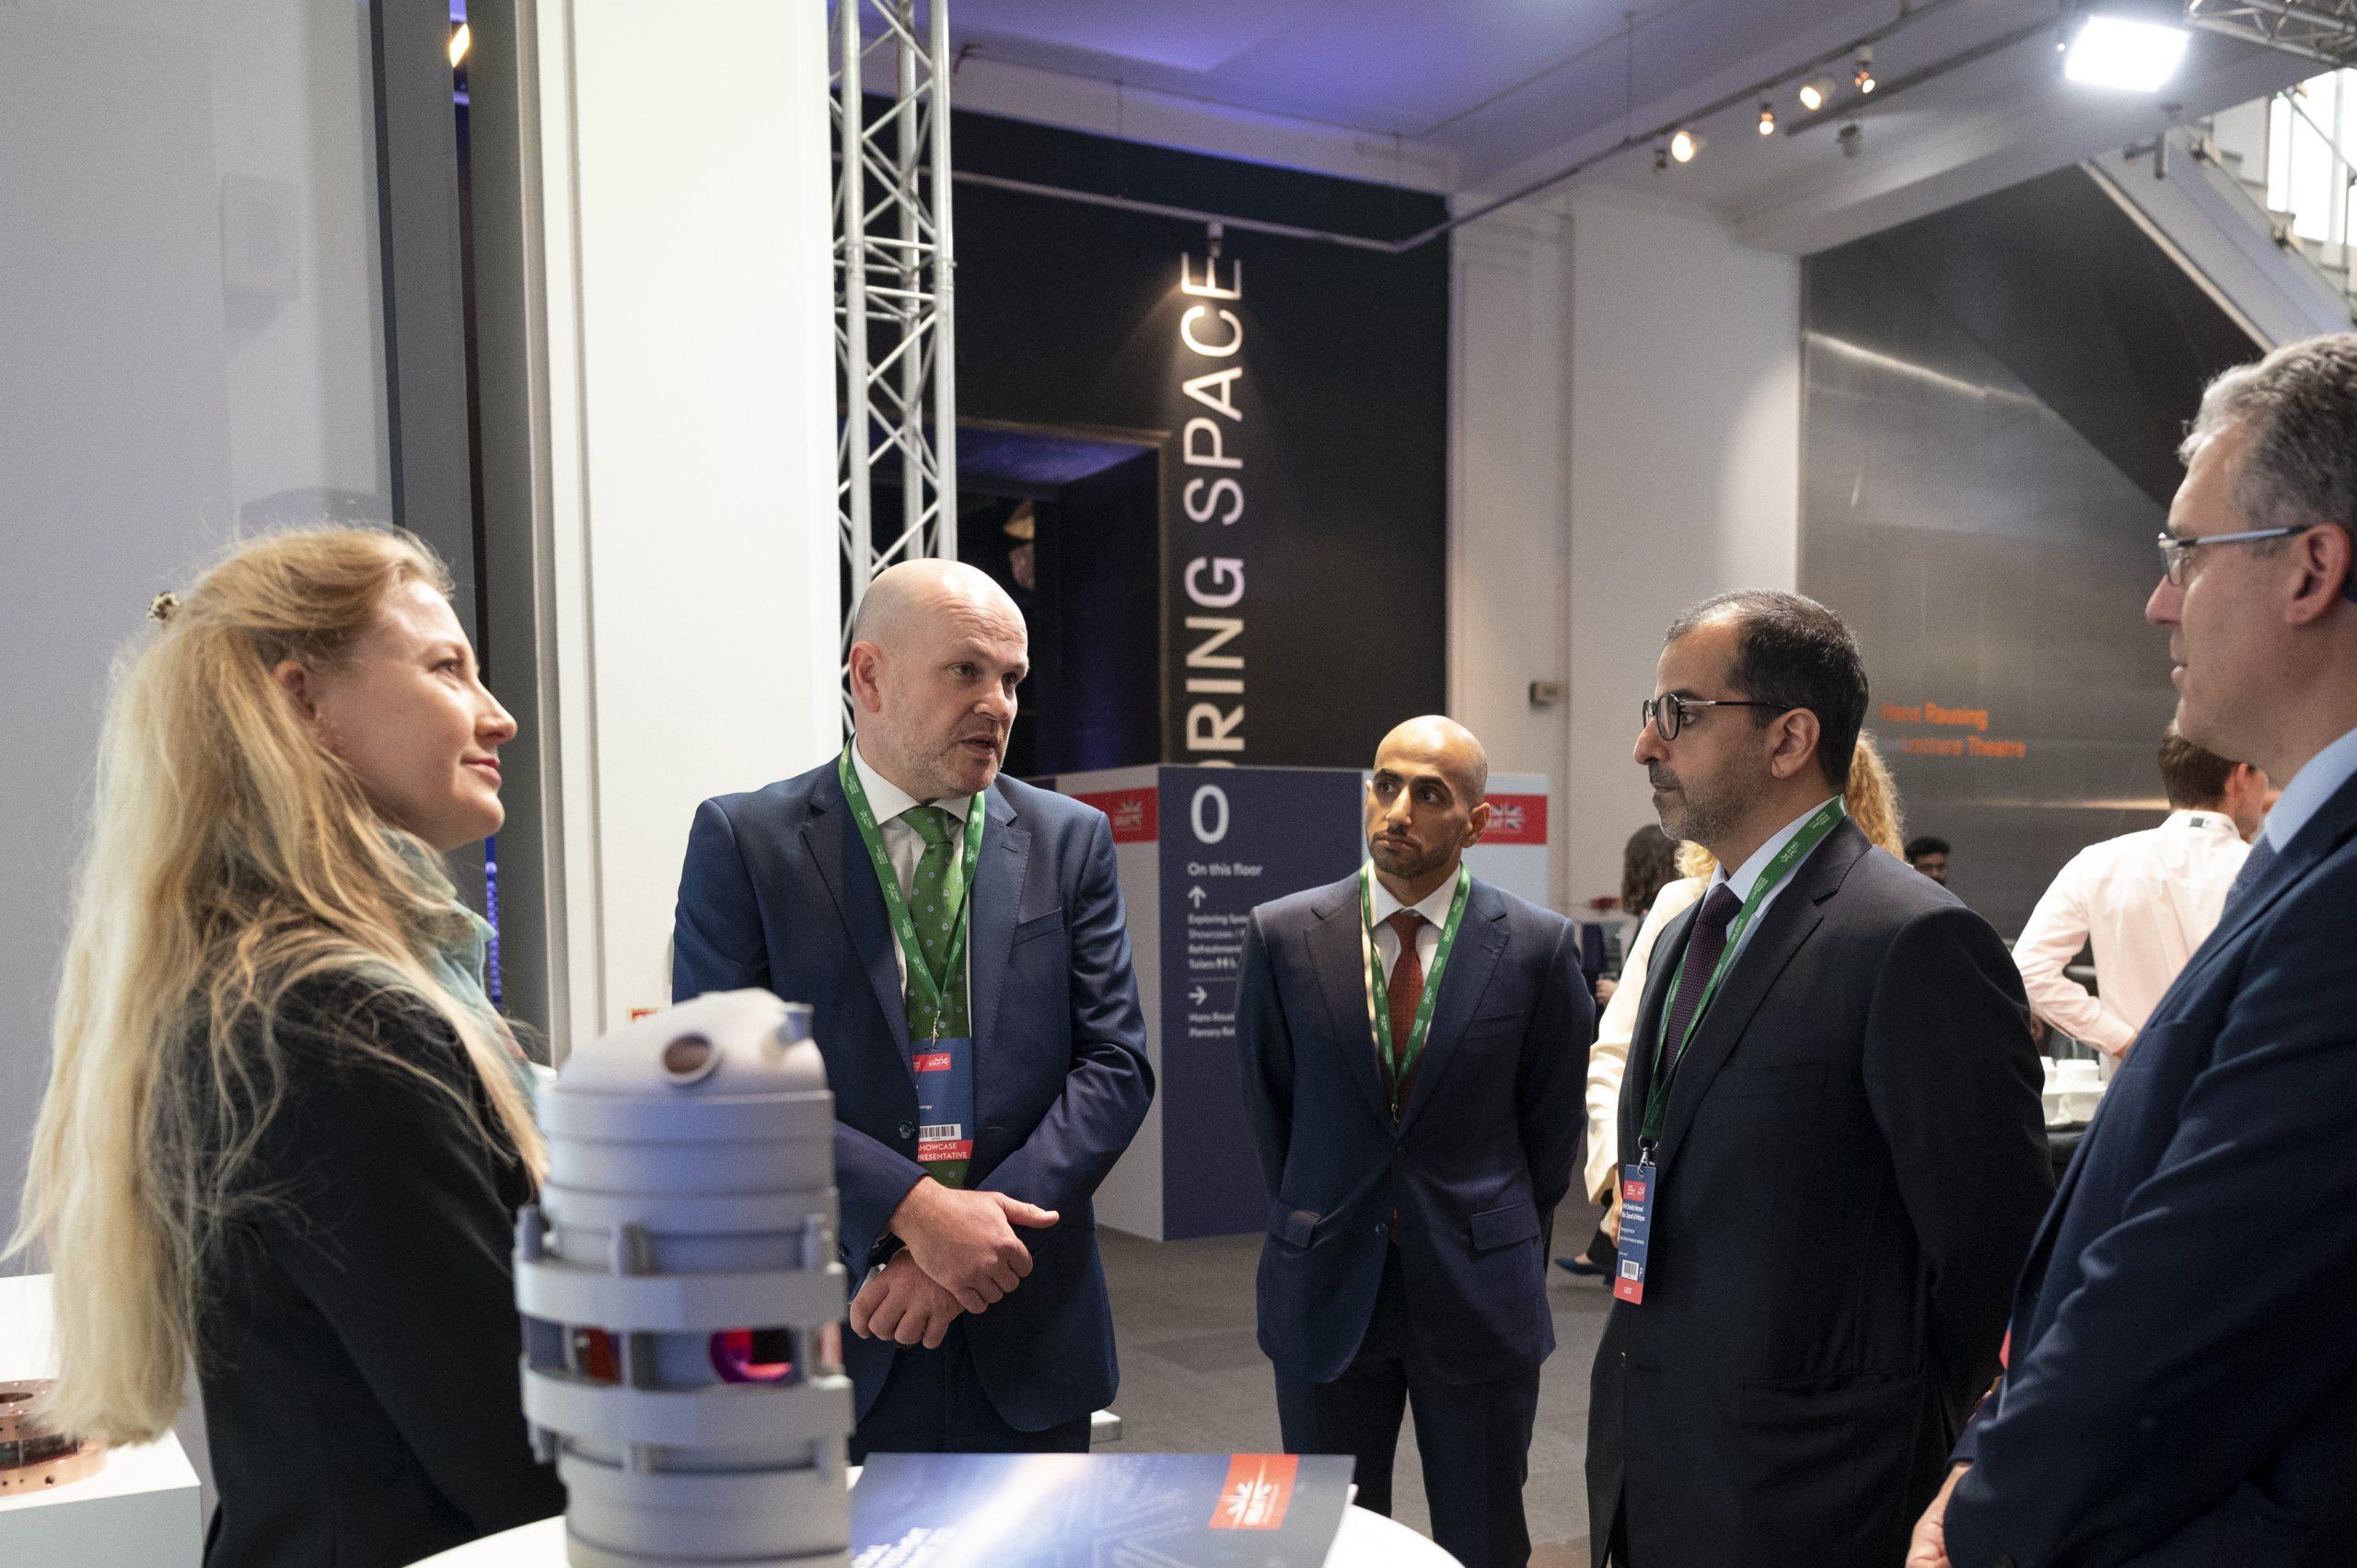 حامد بن زايد يشارك في قمة الاستثمار العالمية 2021 في بريطانيا ويلتقي عددا من المشاركين